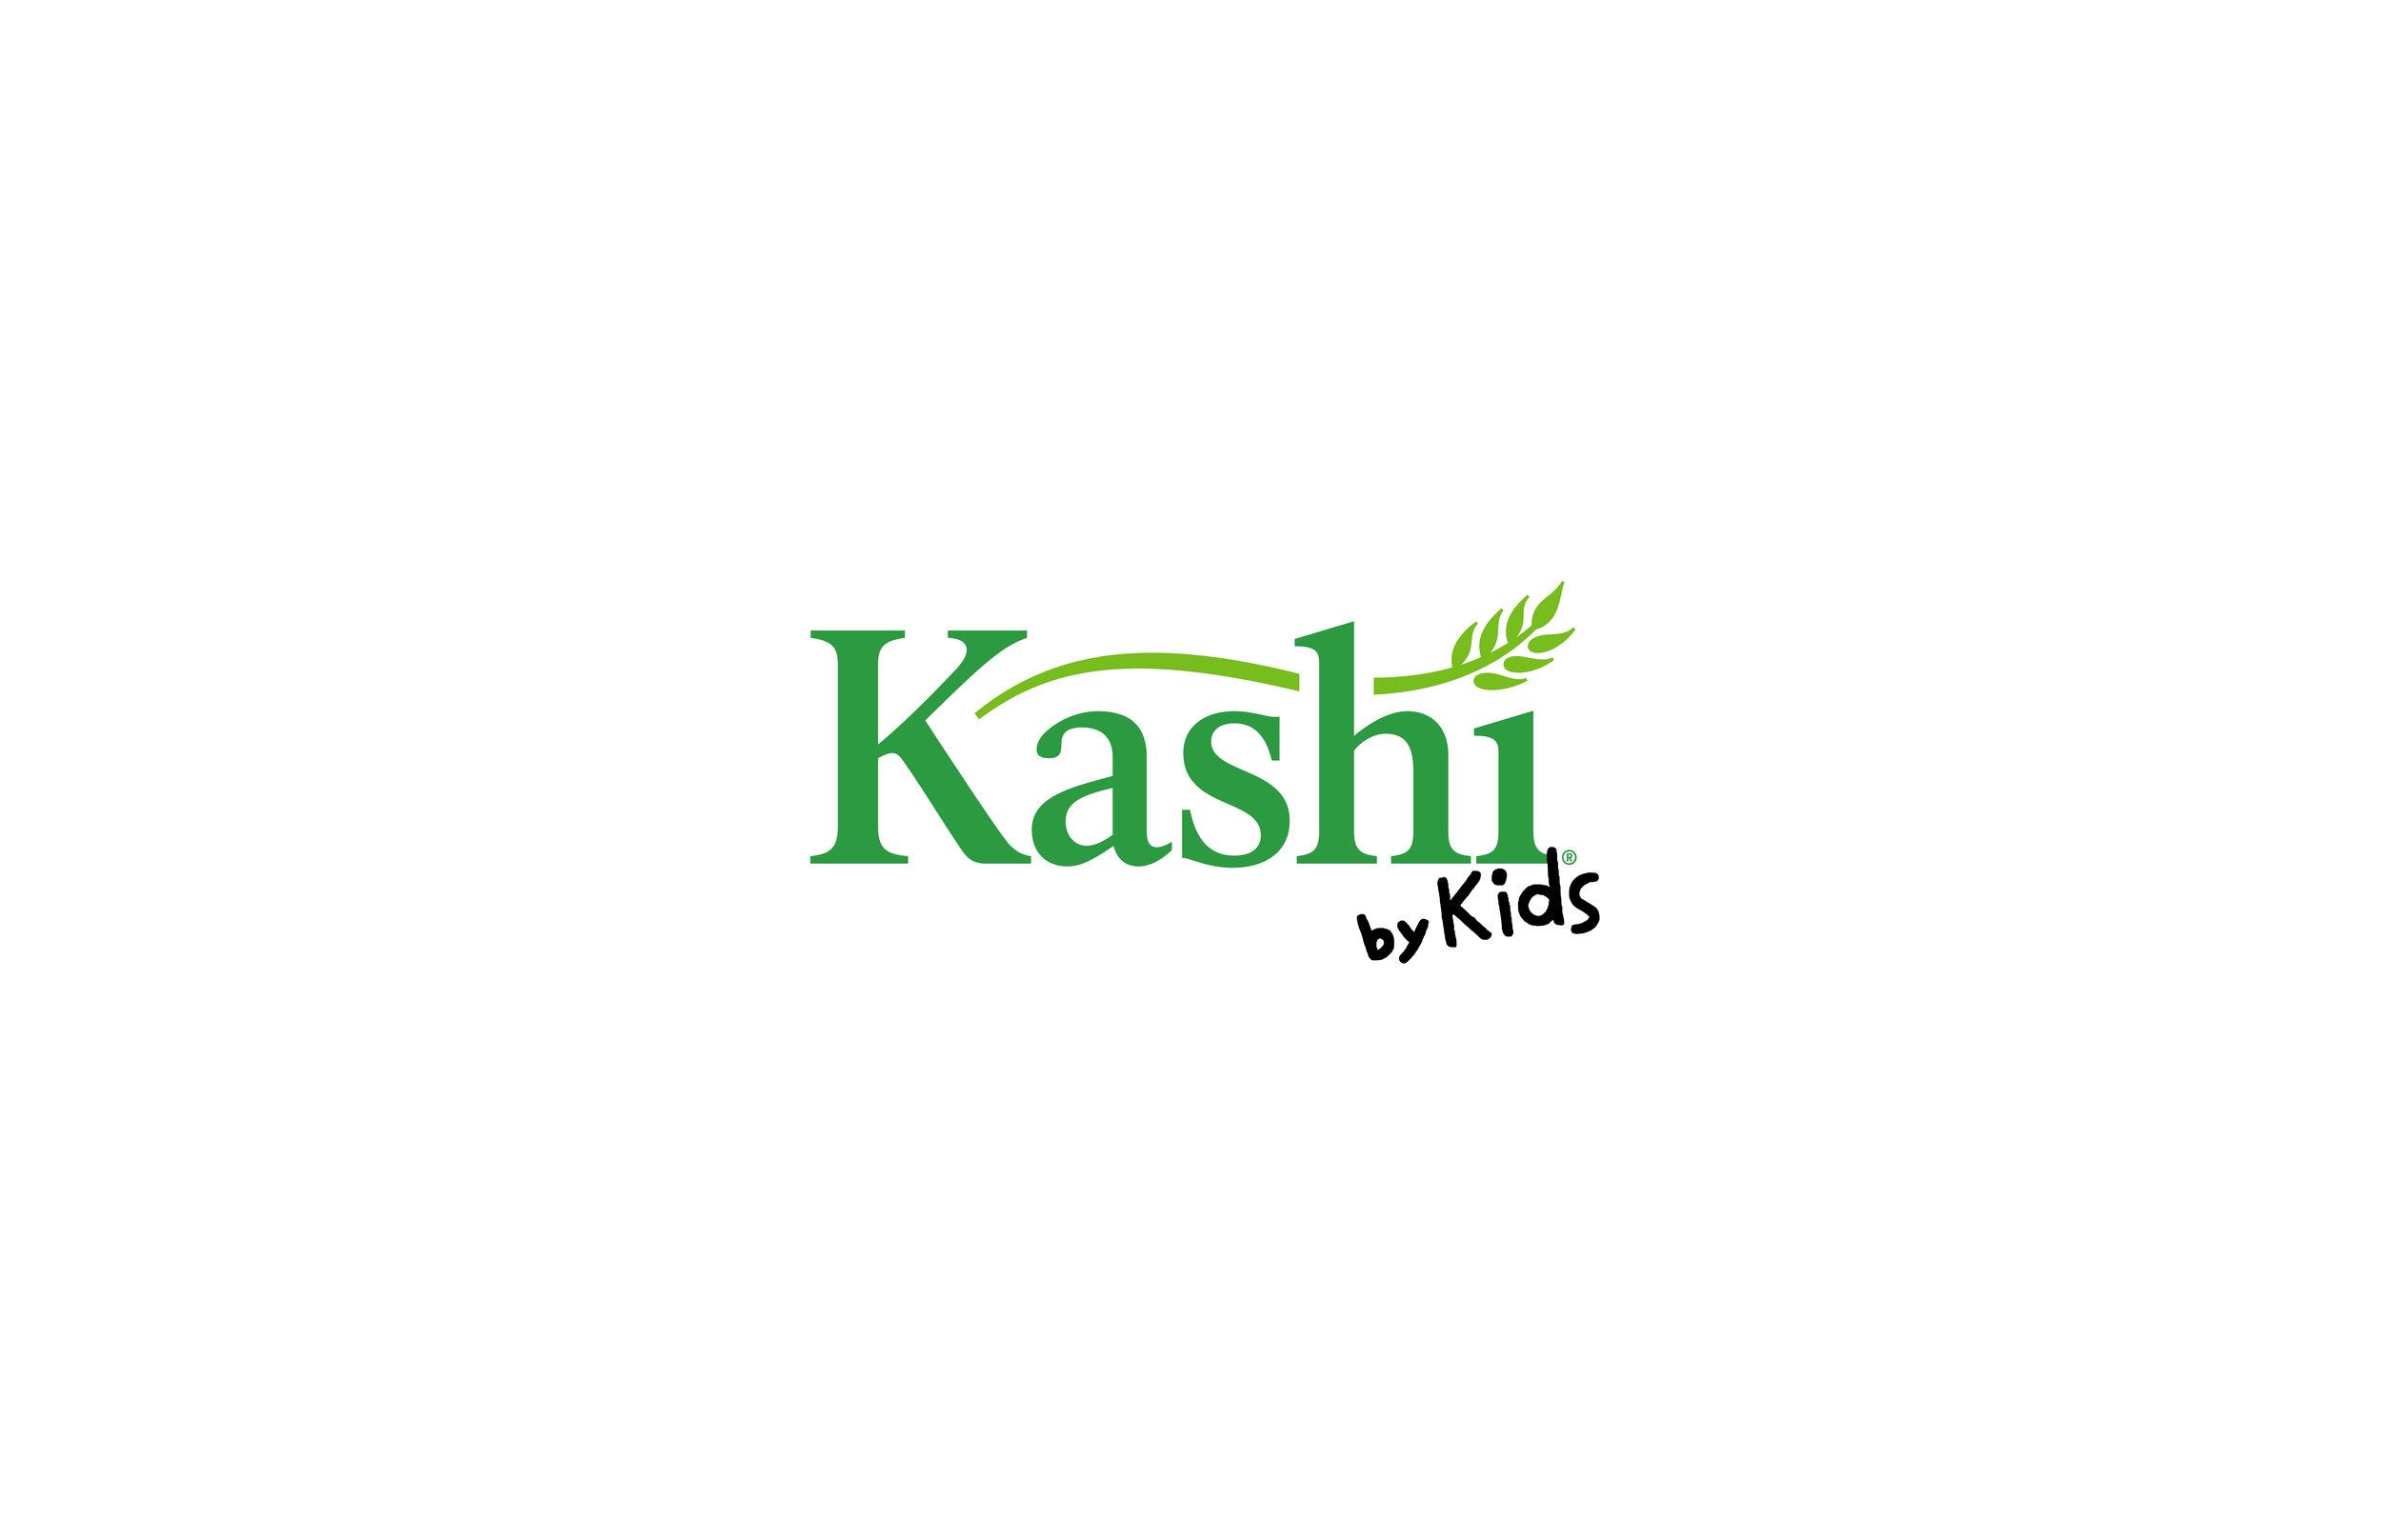 KashiByKids_CaseStudy_V2-02.jpg